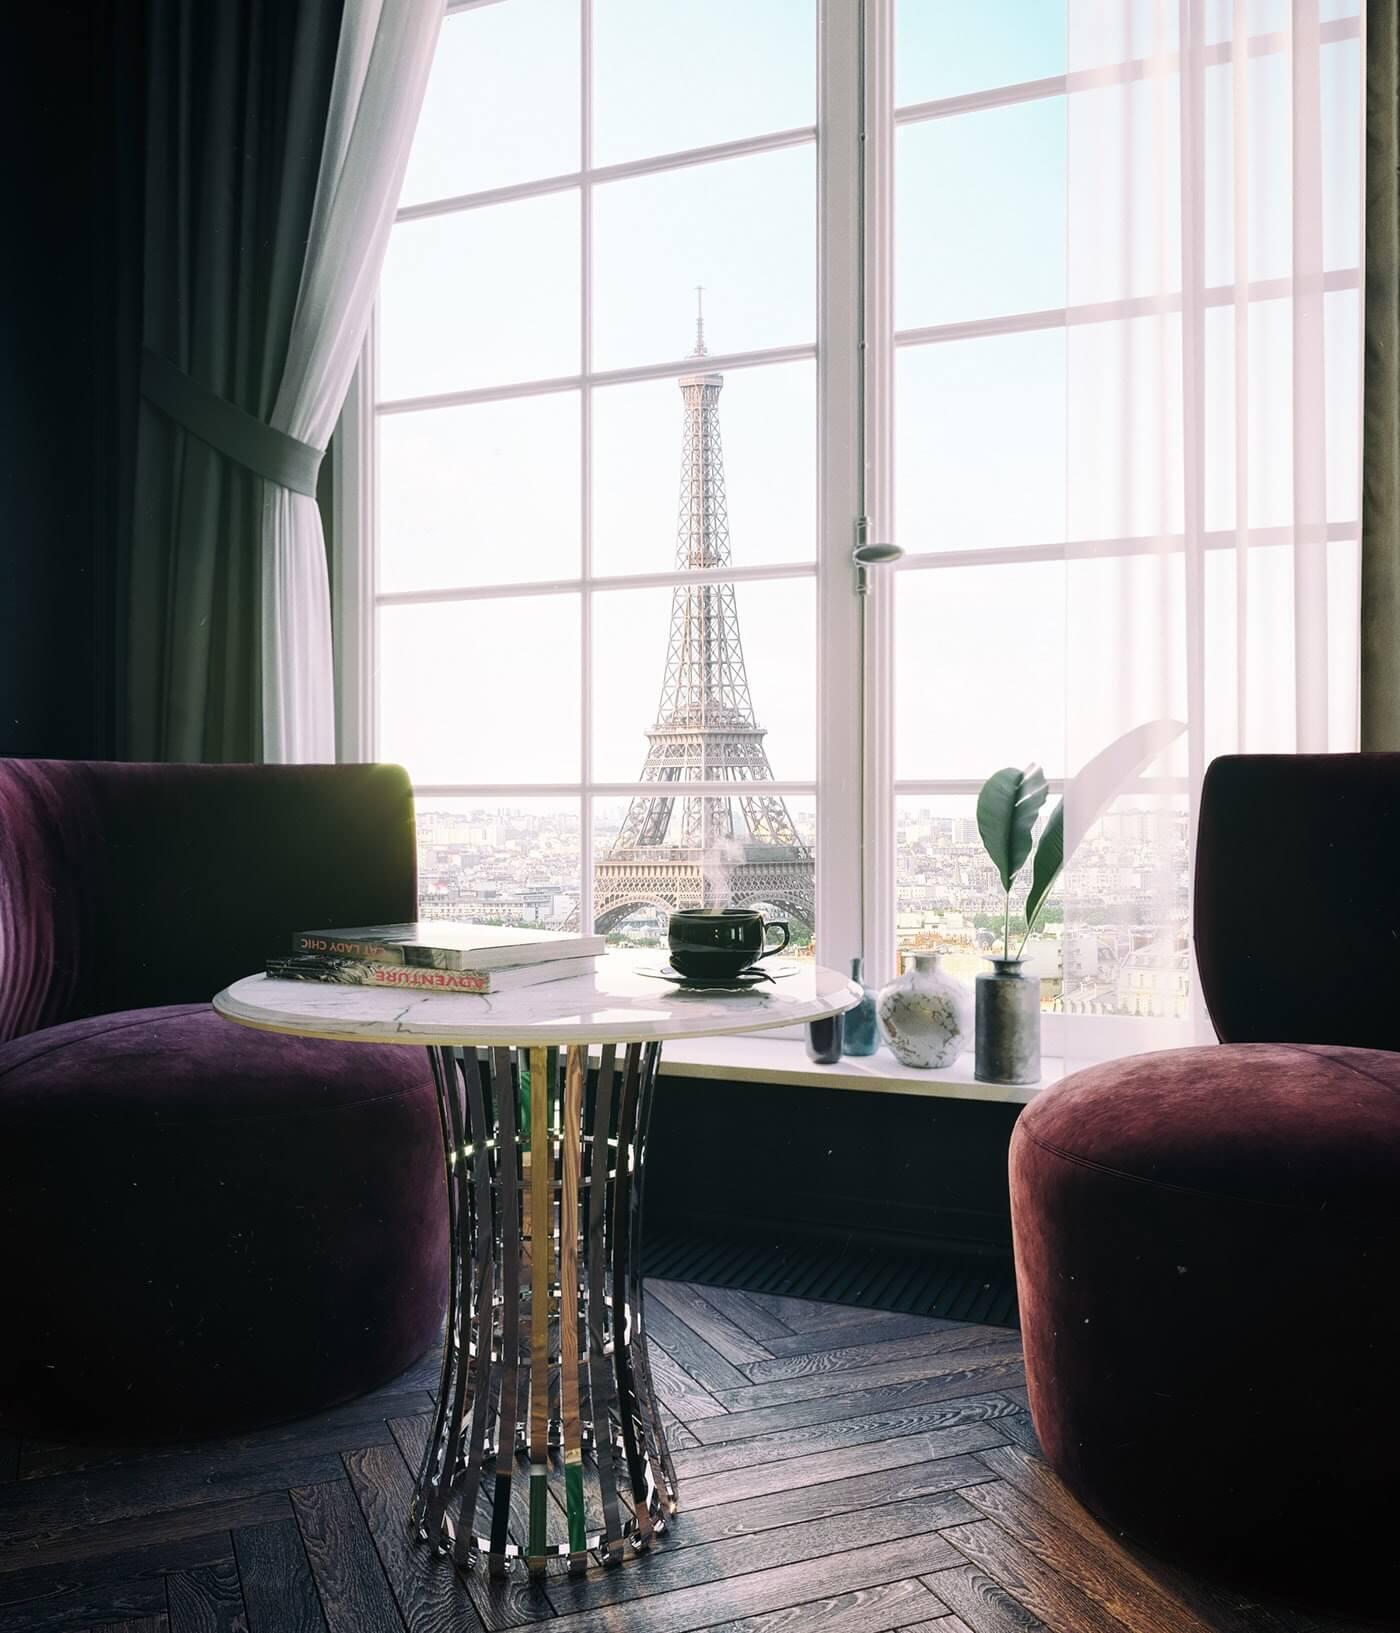 Maison Noire Apartment Paris lounge area side table marble - cgi visualization